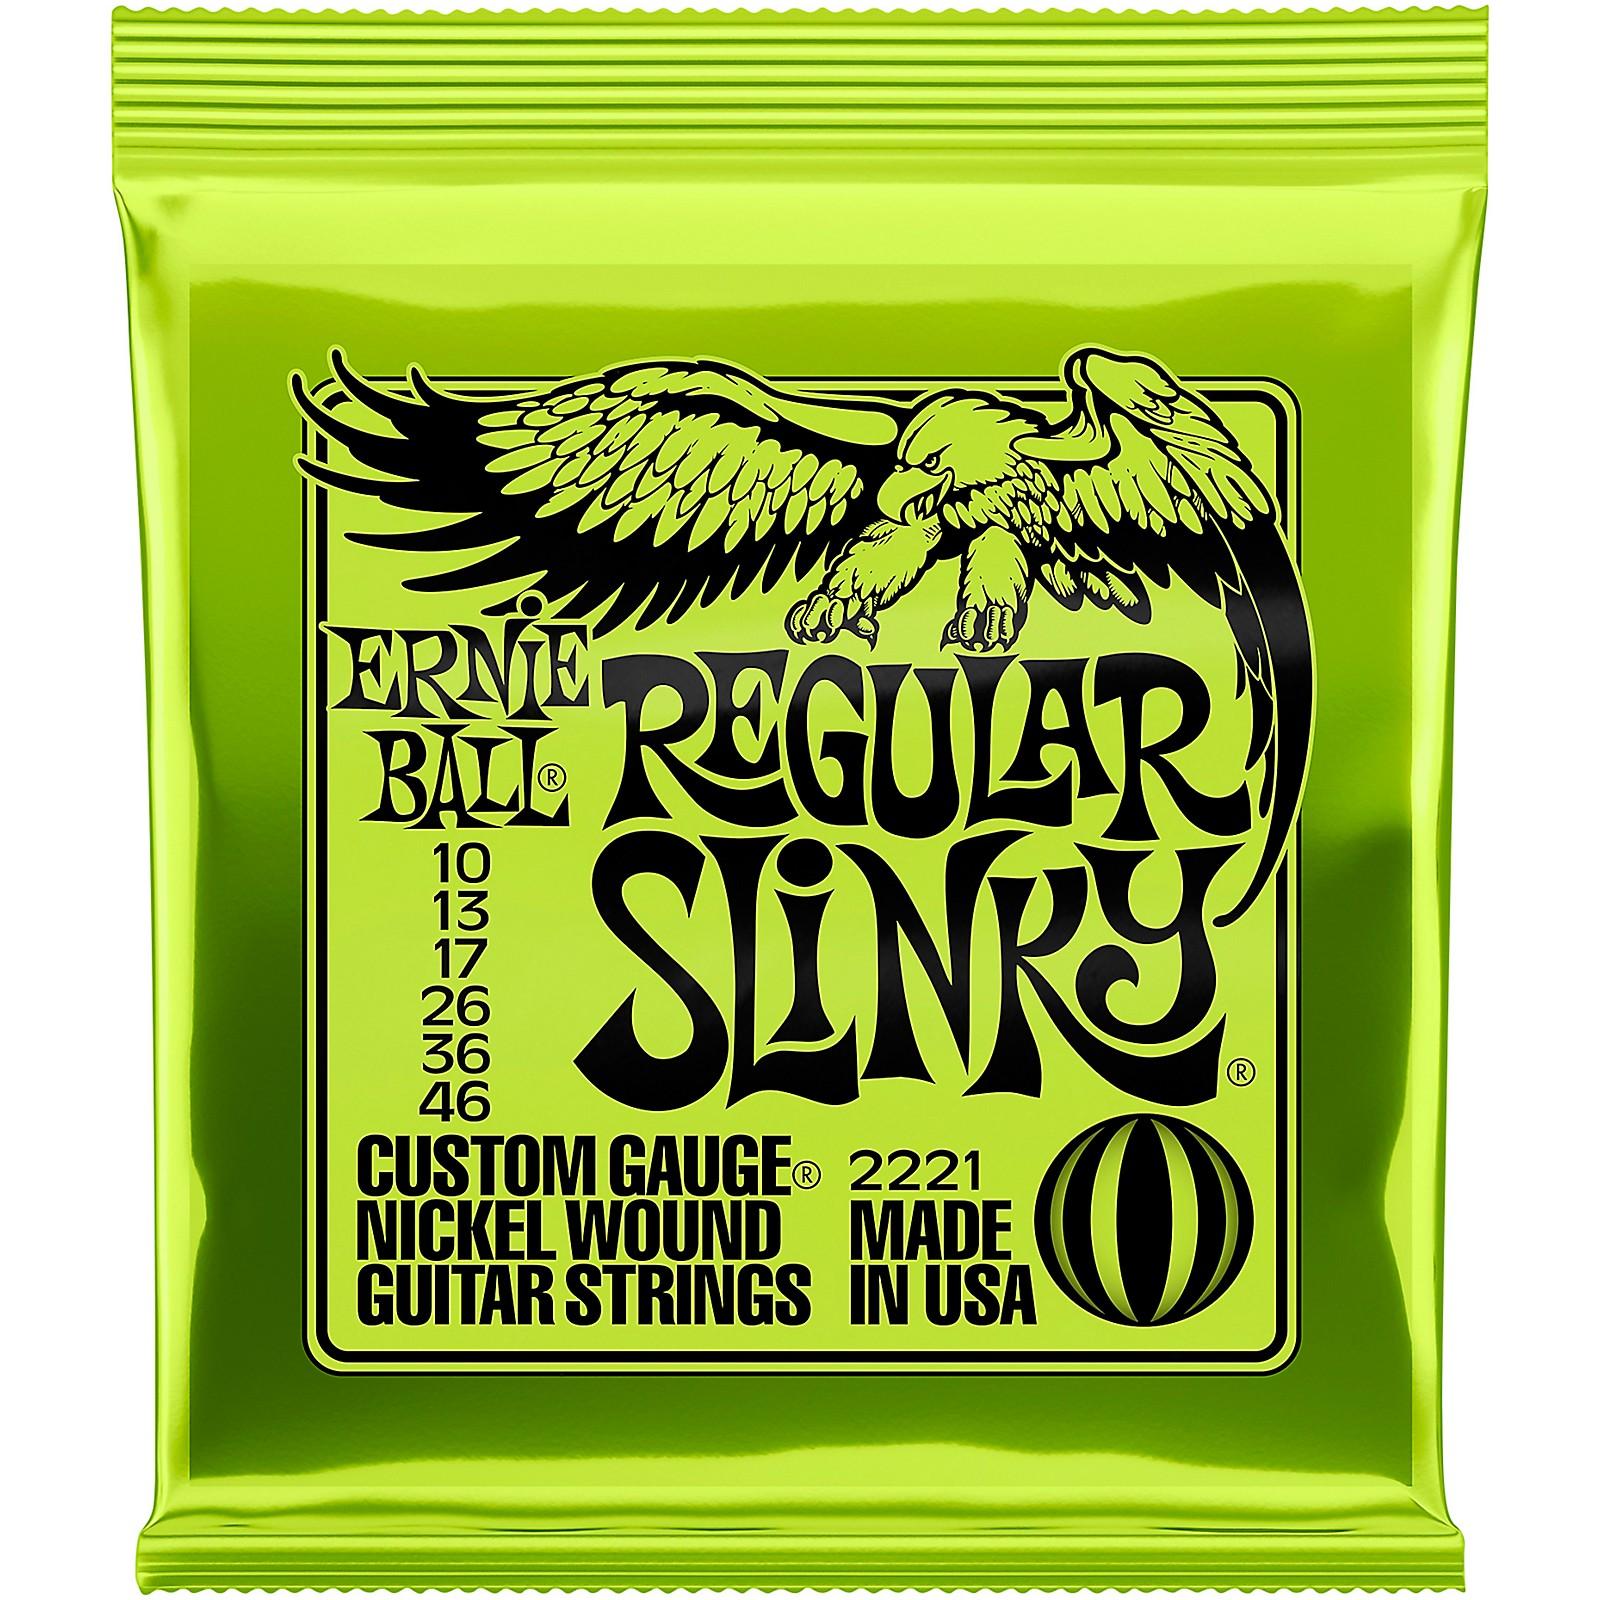 Ernie Ball Regular Slinky 2221 (10-46) Nickel Wound Electric Guitar Strings